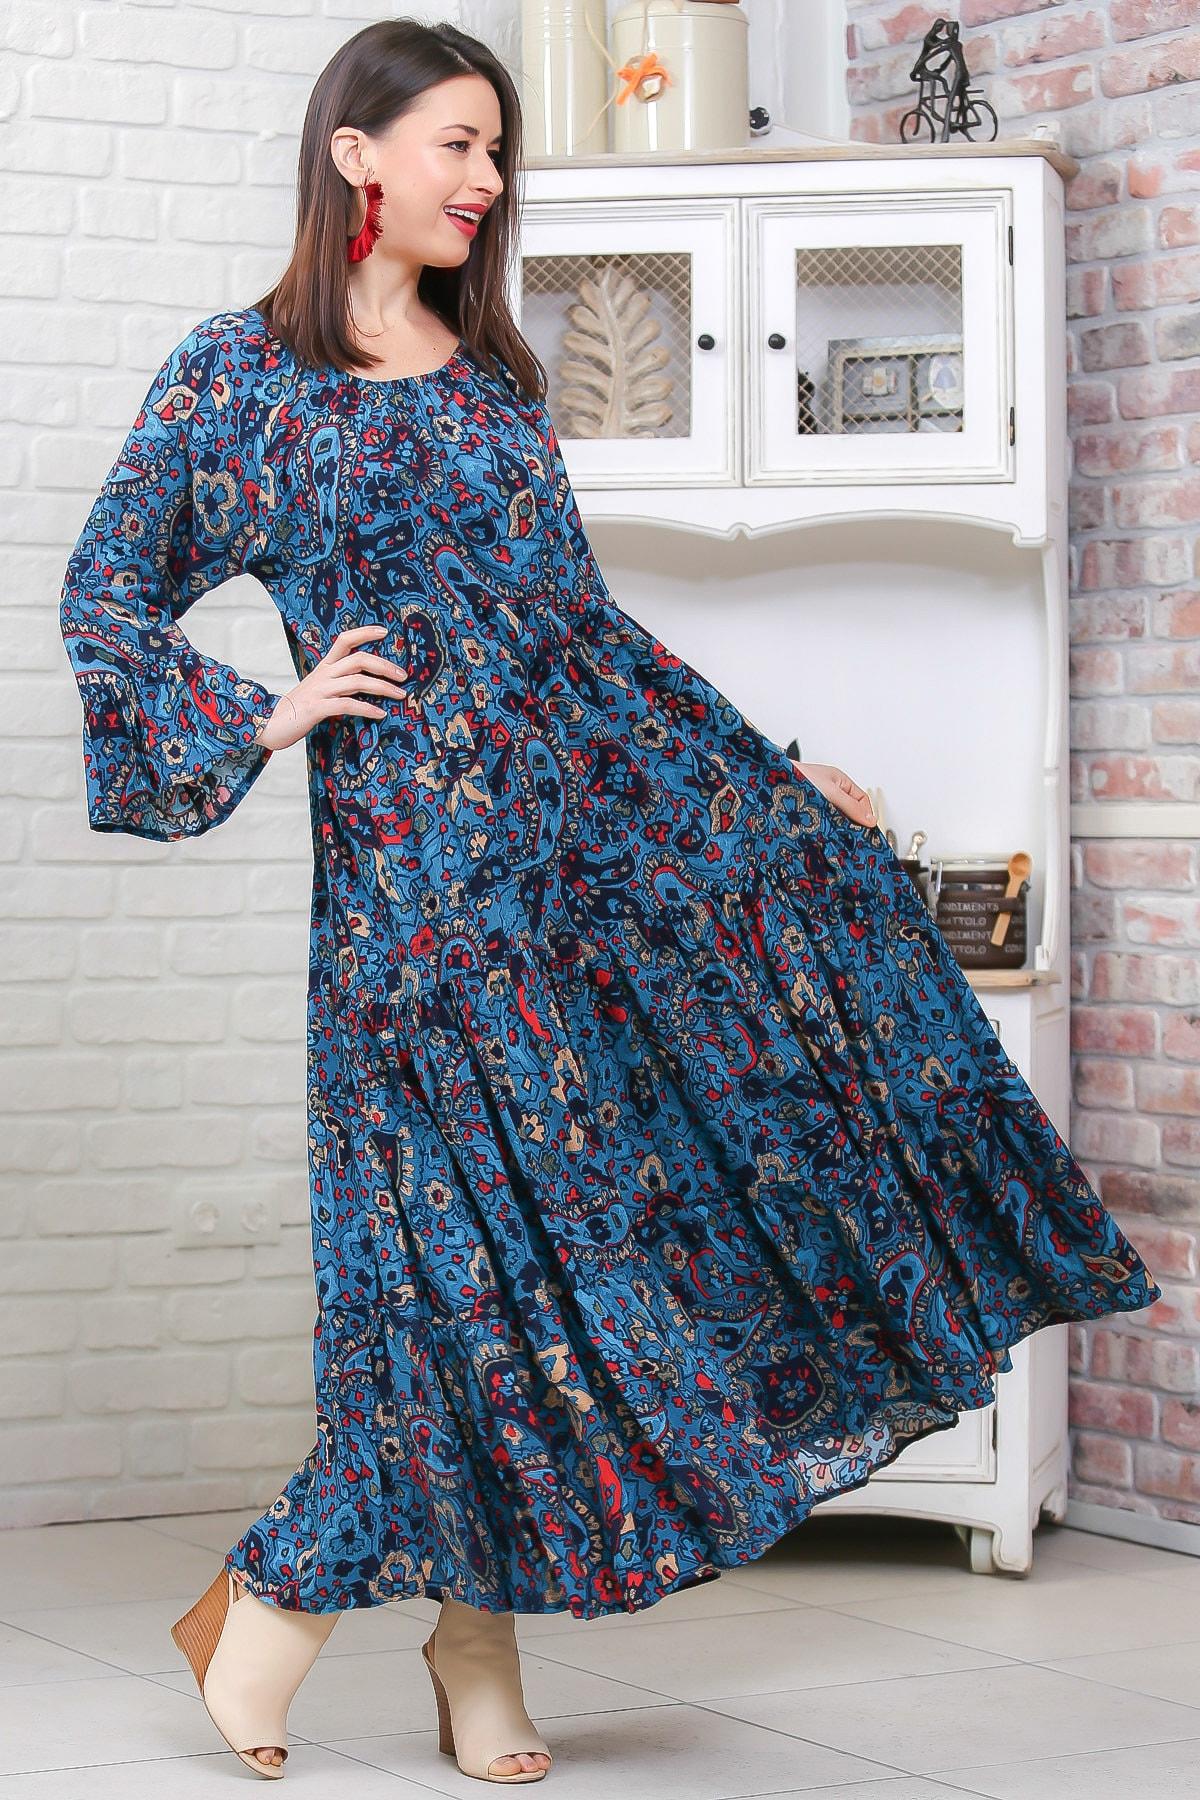 Chiccy Kadın Petrol Mavisi Bohem Çiçek Desenli Kolları Volanlı Dokuma Elbise M10160000EL96973 0